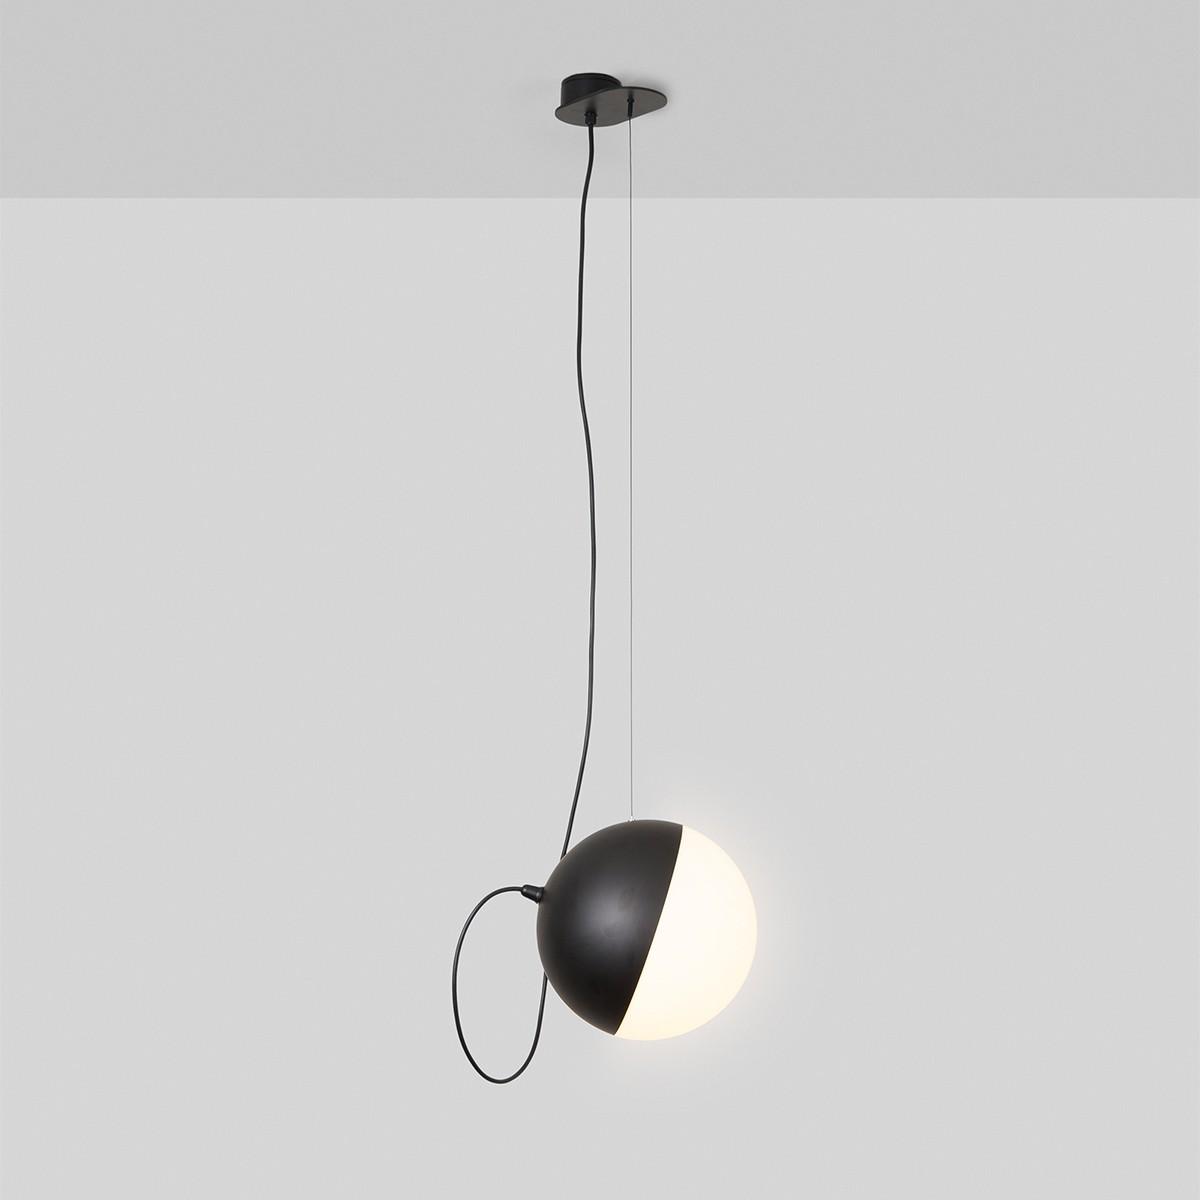 Milan Half Pendelleuchte, Ø 16 cm, 1-flg., schwarz